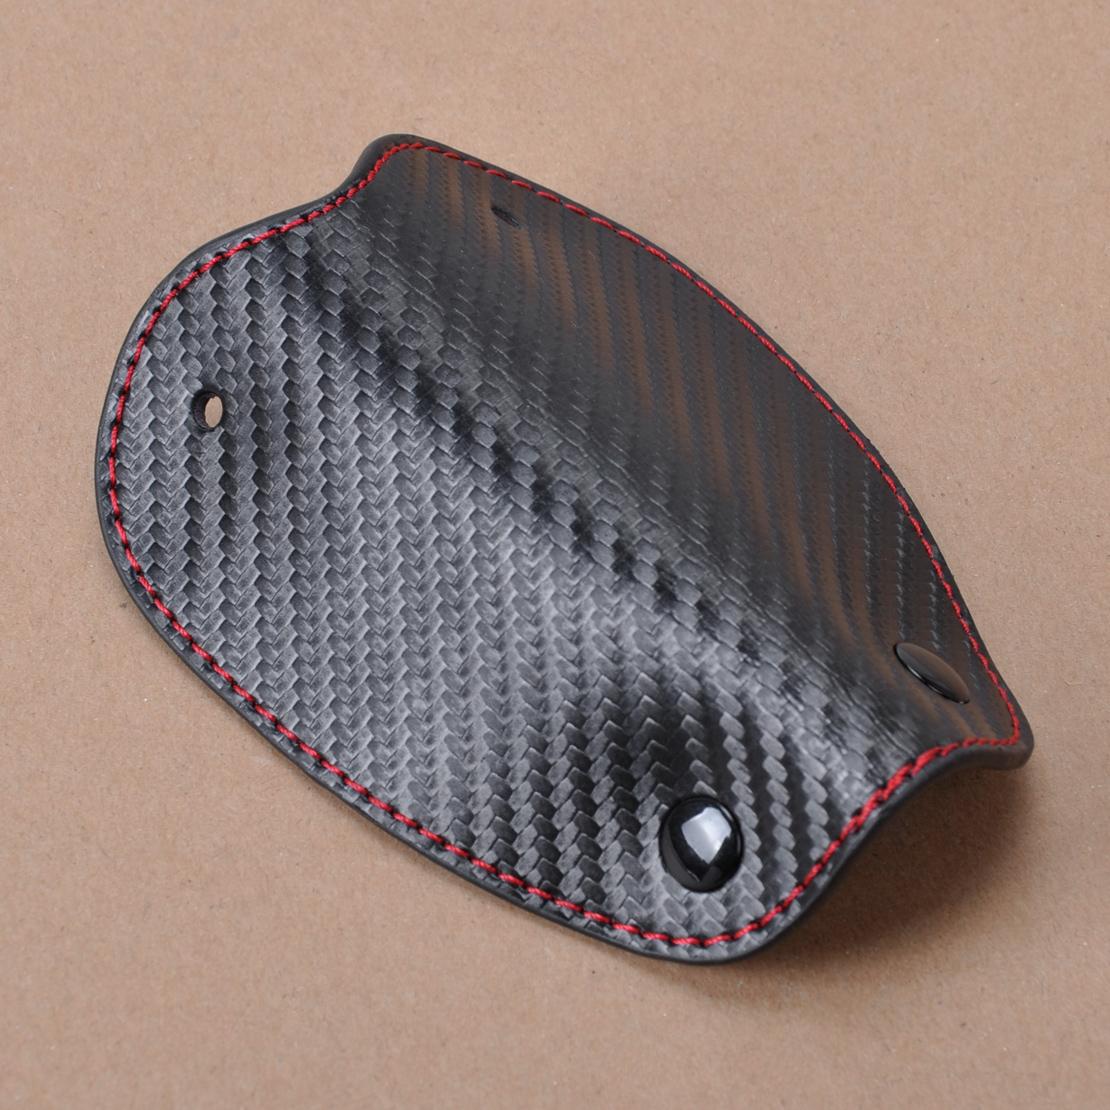 1pc חדש 3D עור סיבי פחמן המרוחק מפתח מקרה שרשרת keyless Fob מחזיק כיסוי עבור אאודי ב. מ. וו פולקסווגן הונדה טויוטה לקסוס מאזדה